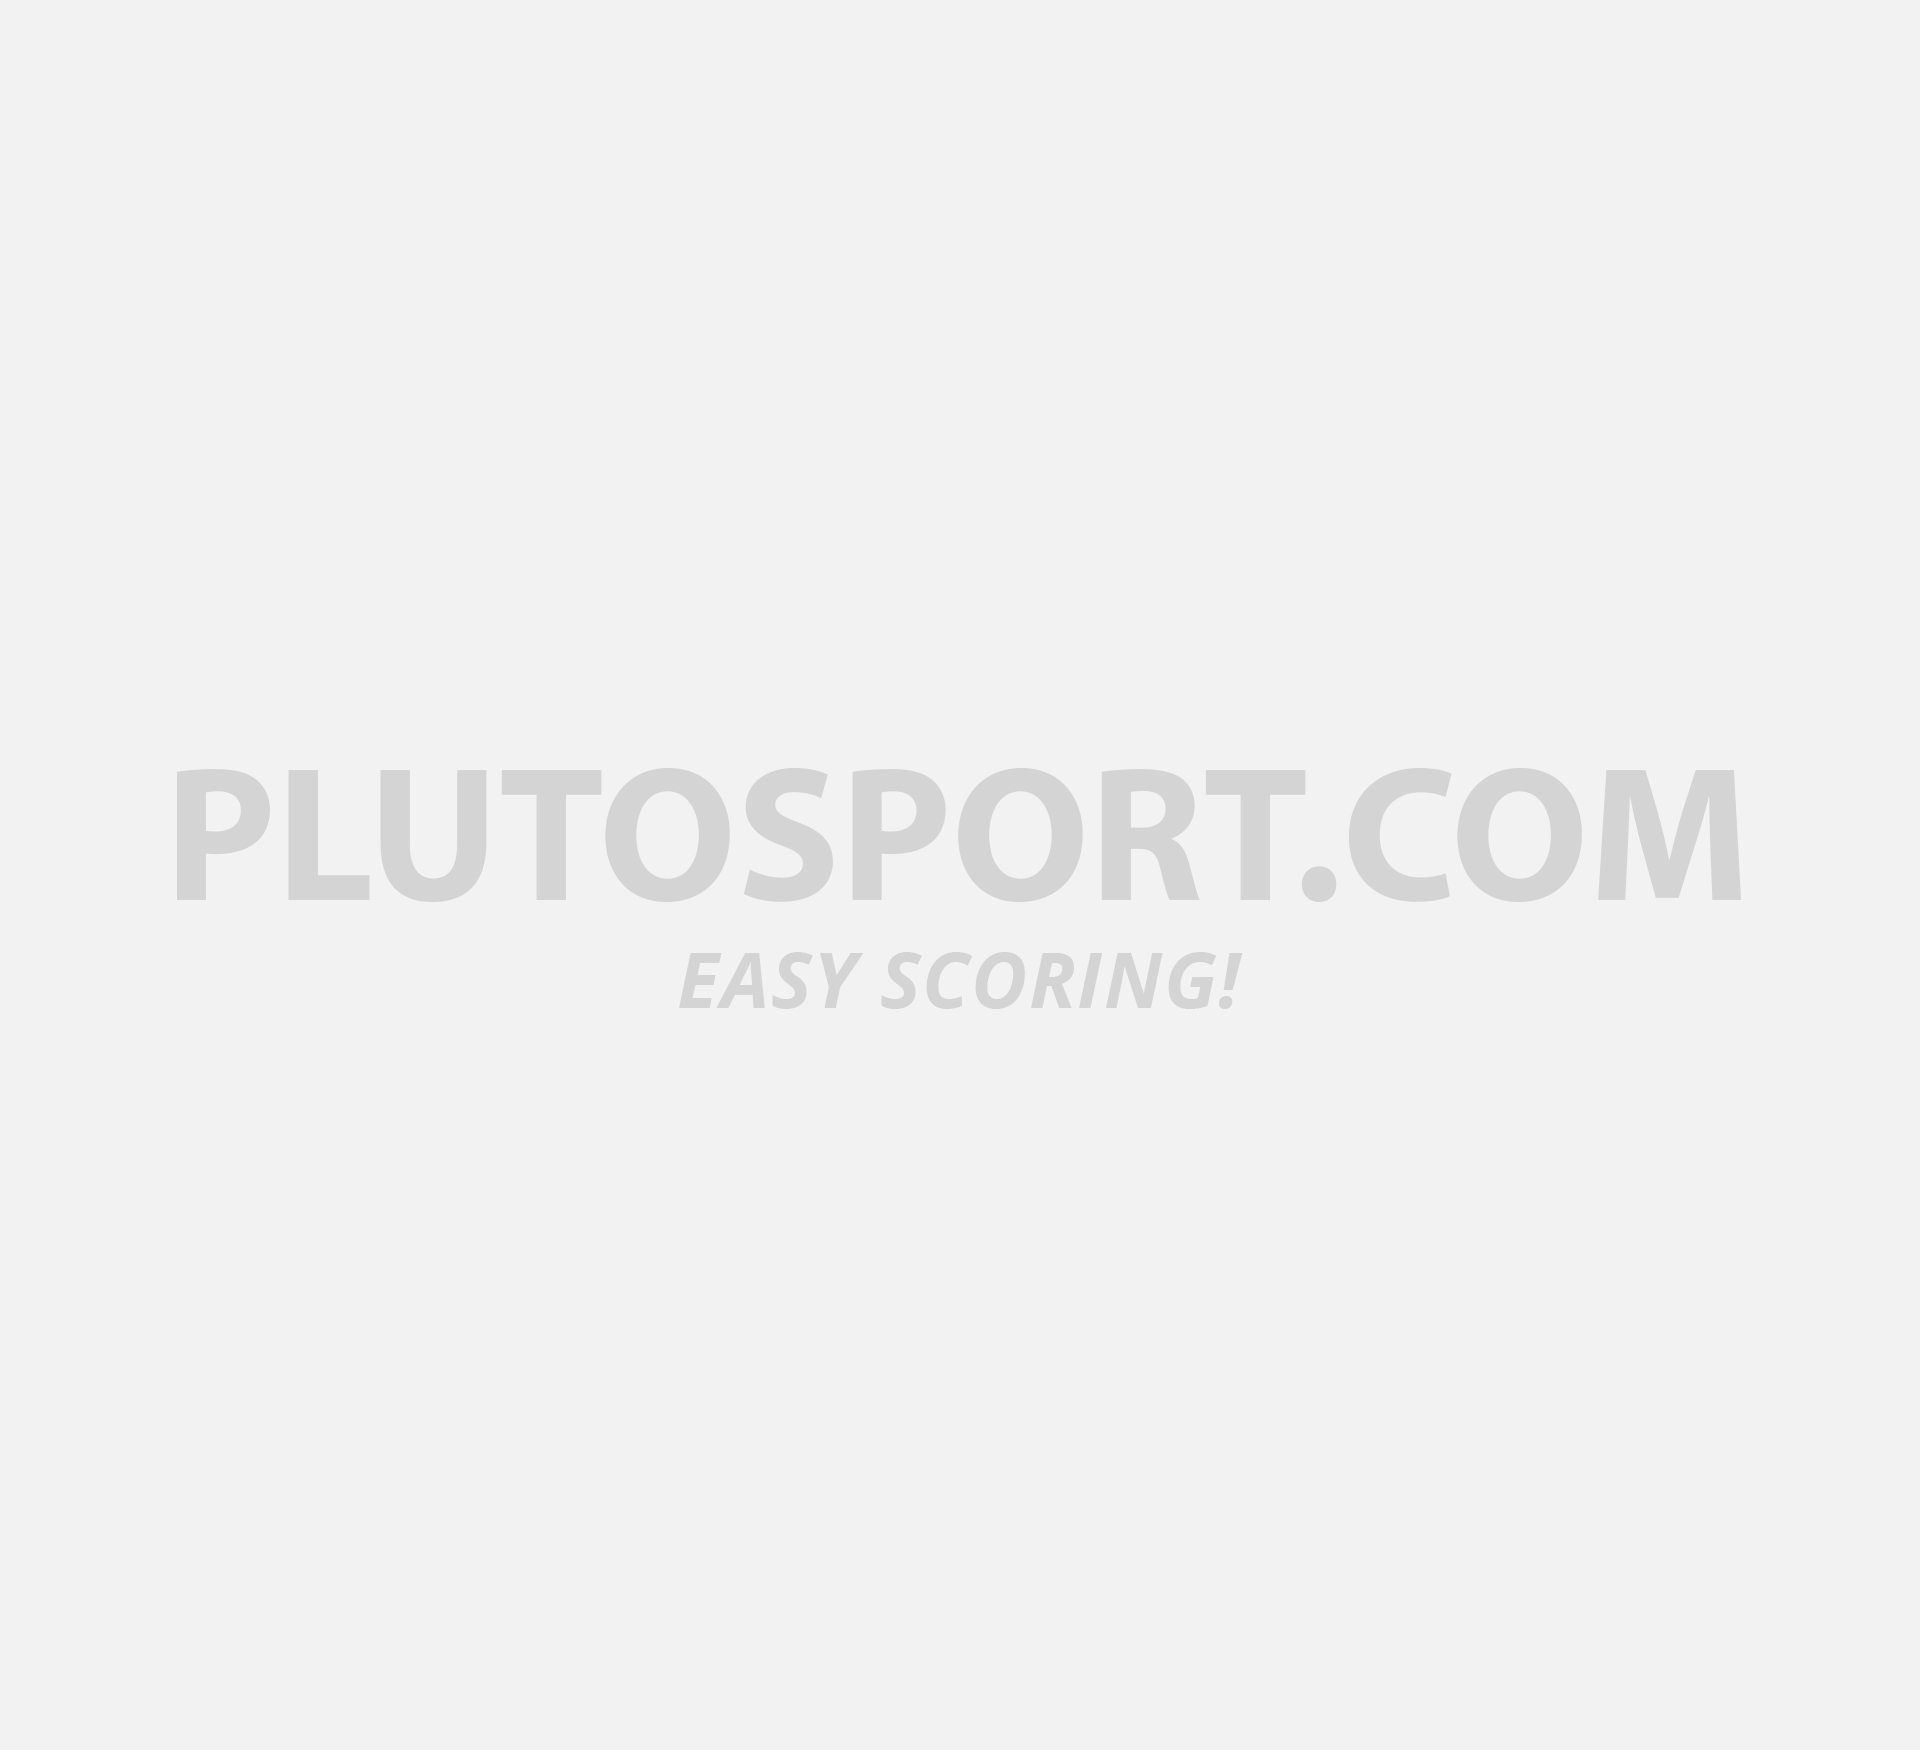 53393d1fe79 Hummel Unity Keeper Set Senior - Sets - Goalkeepers - Football - Sports |  Plutosport